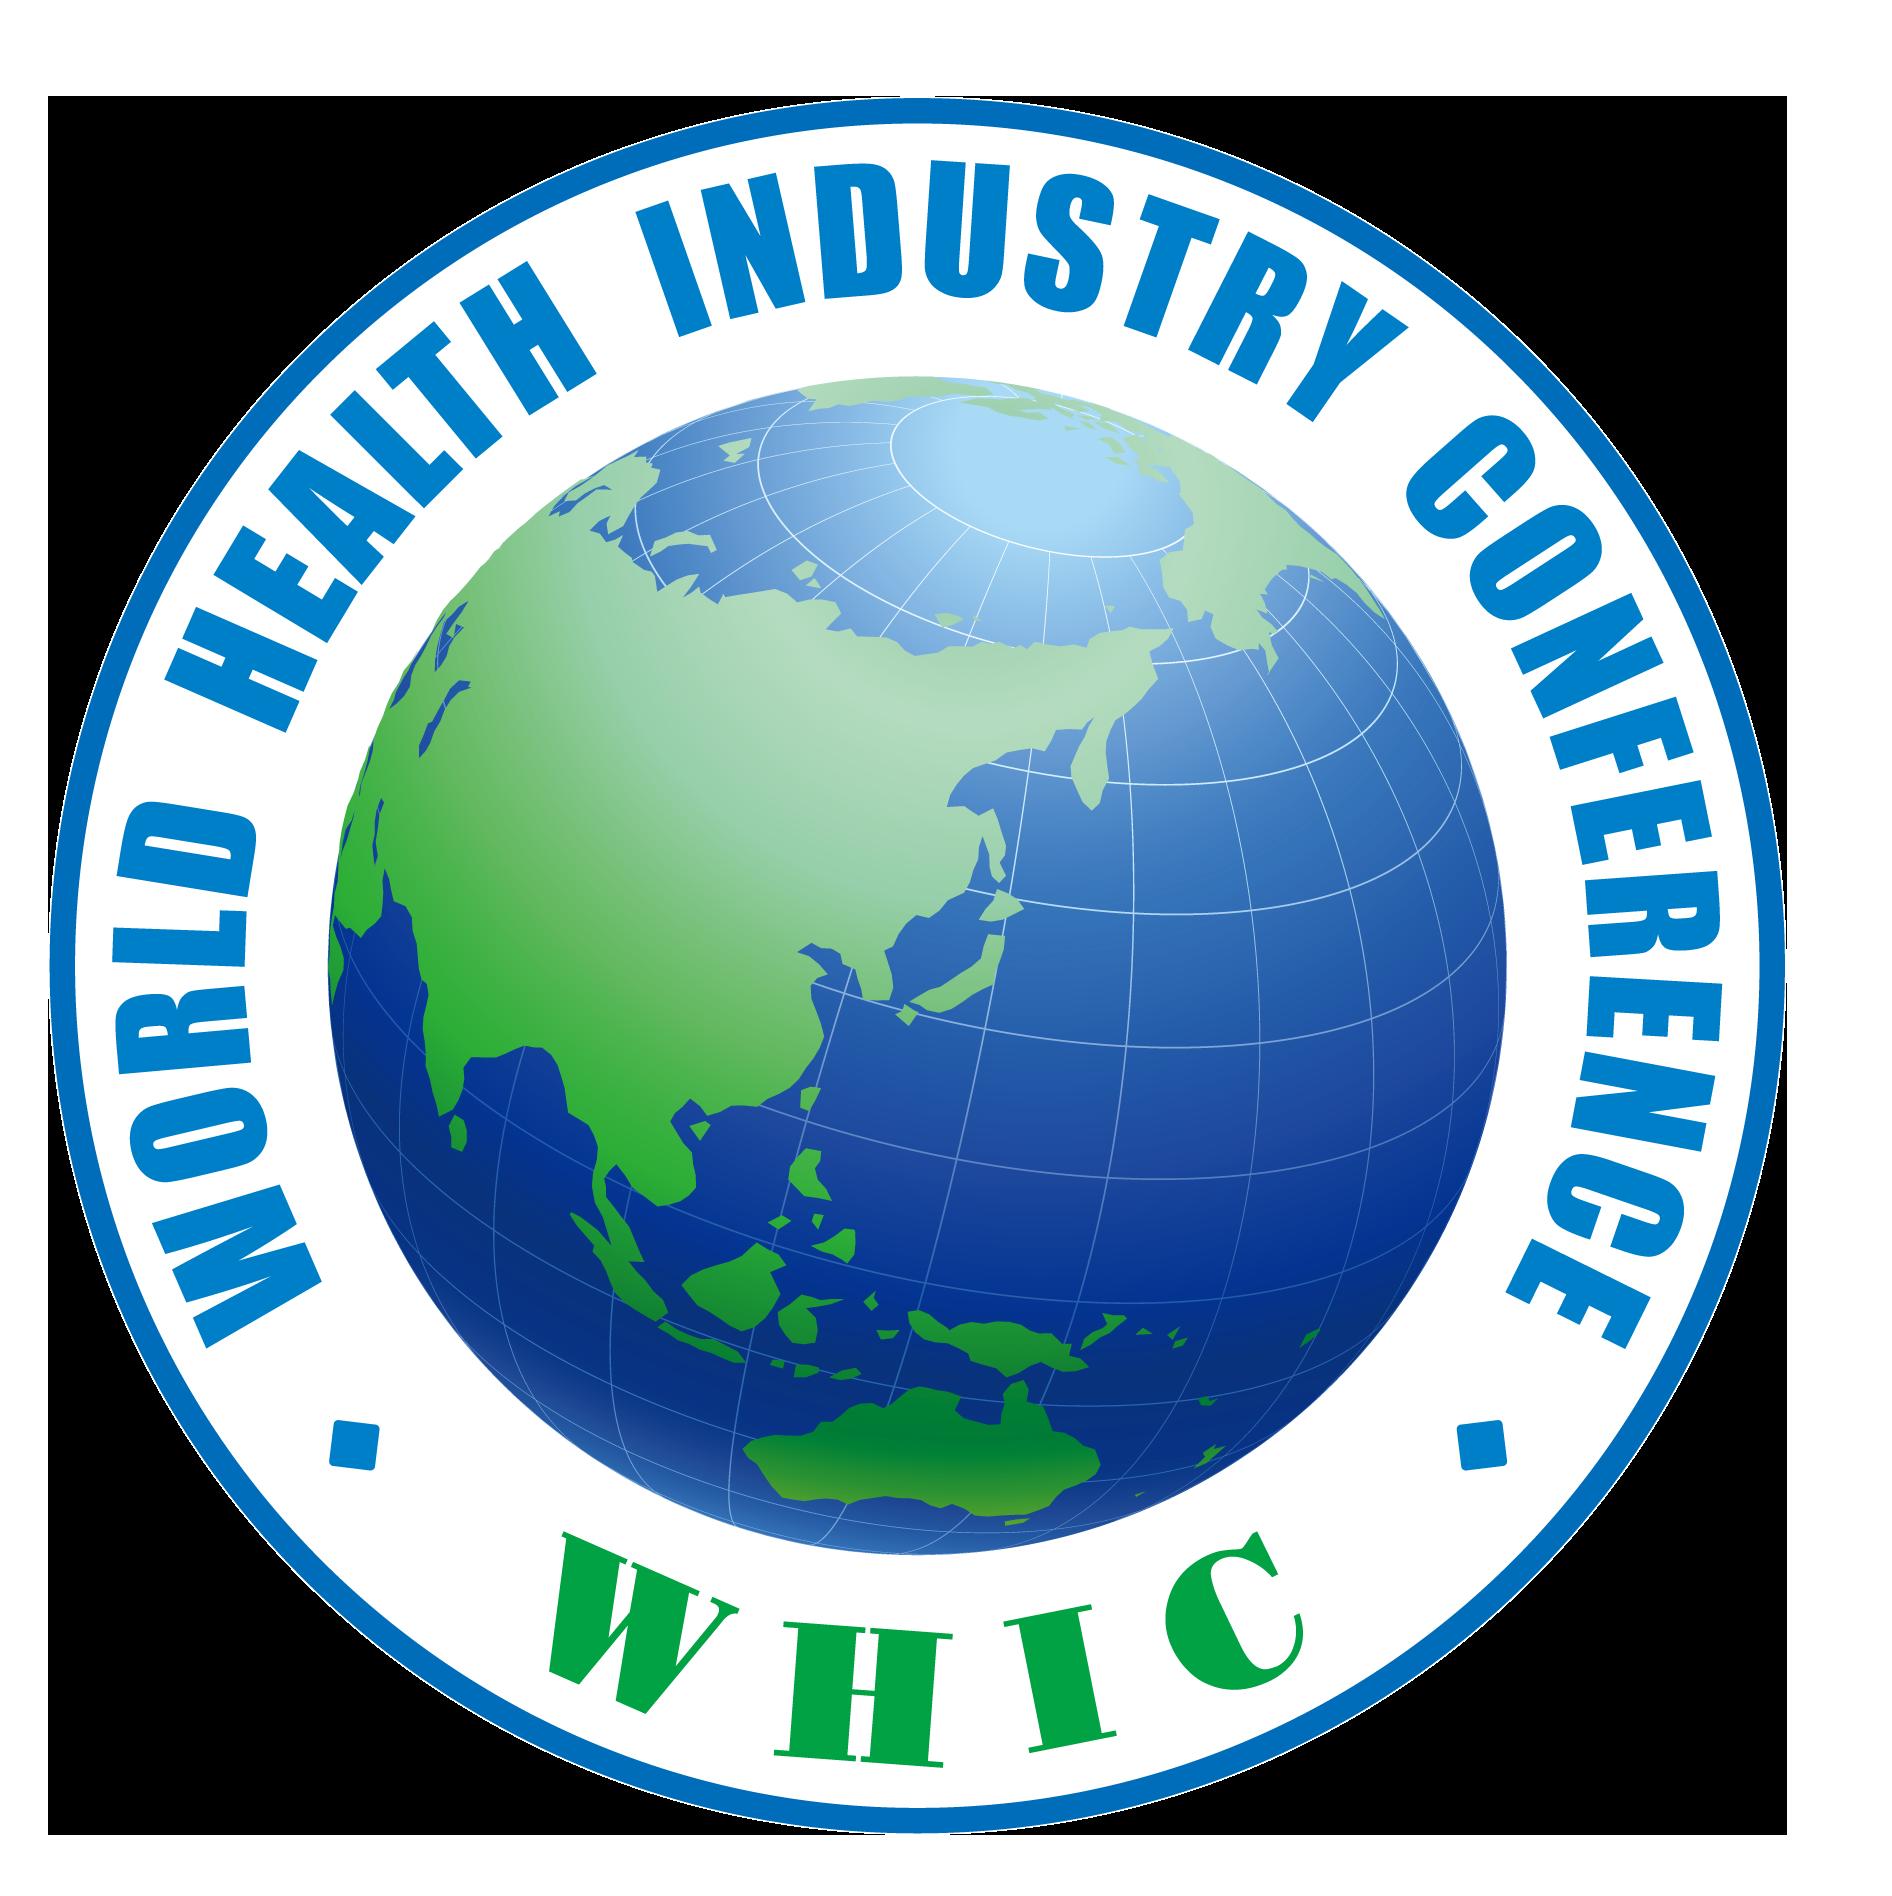 世界健康产业大会会徽